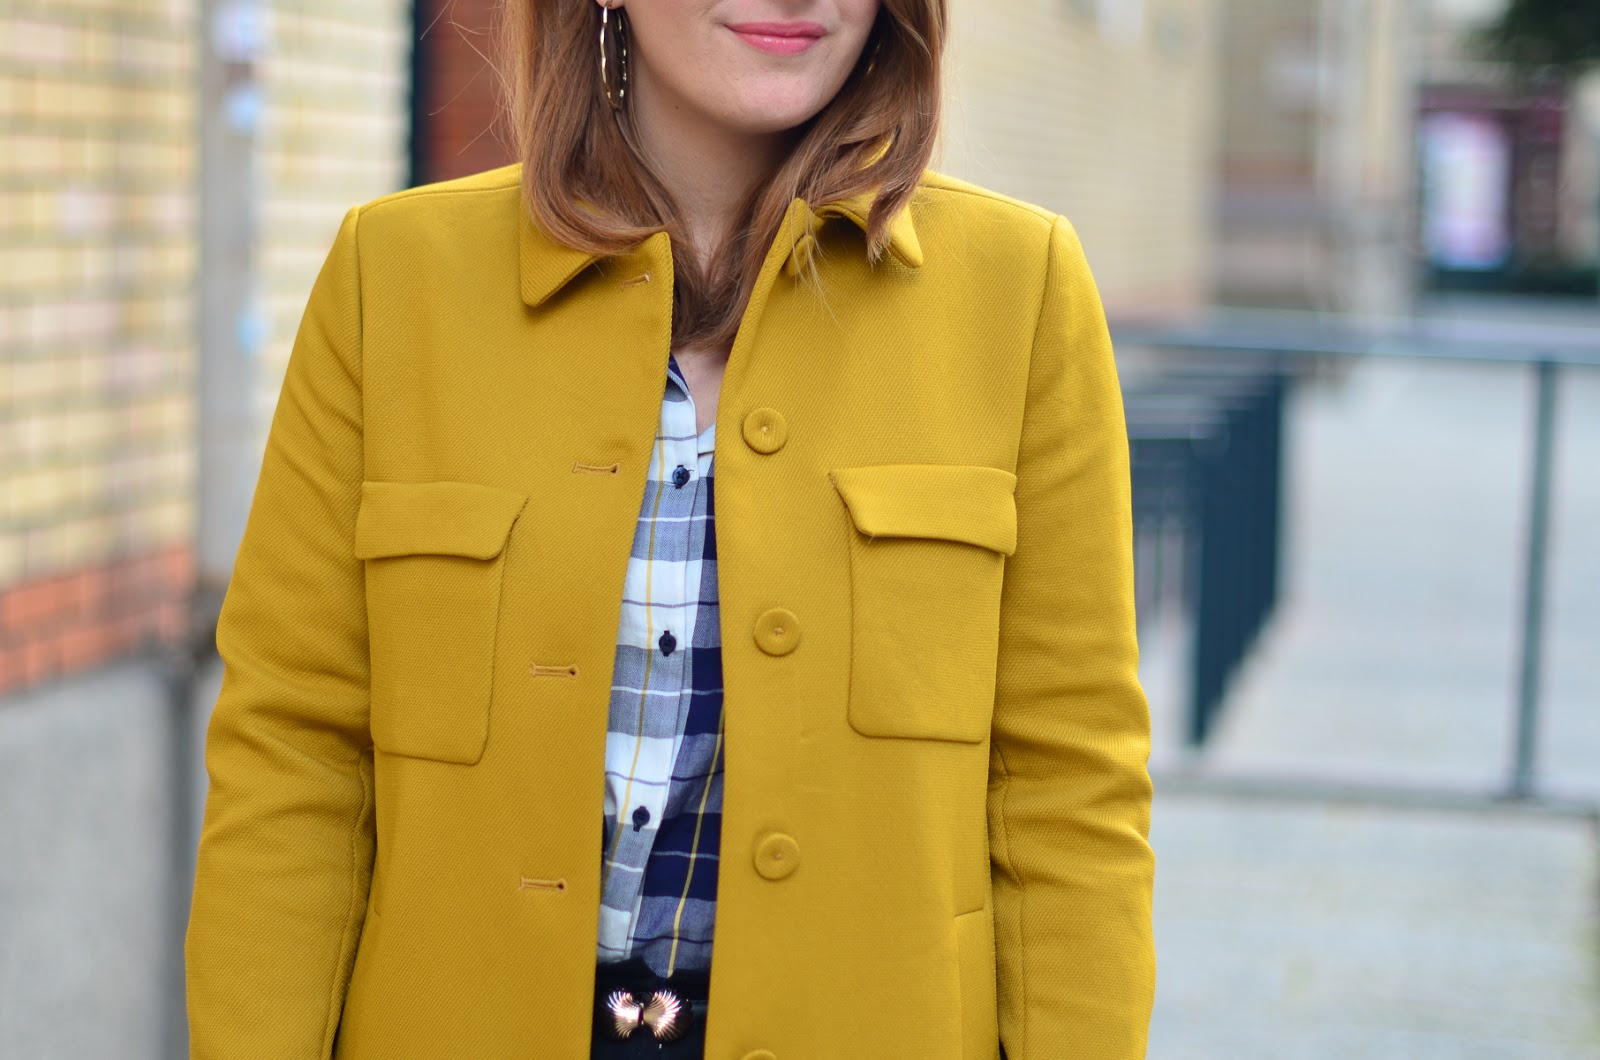 le manteau moutarde elofancy blog mode rennes voyage tendances beaut bonnes adresses lifestyle. Black Bedroom Furniture Sets. Home Design Ideas